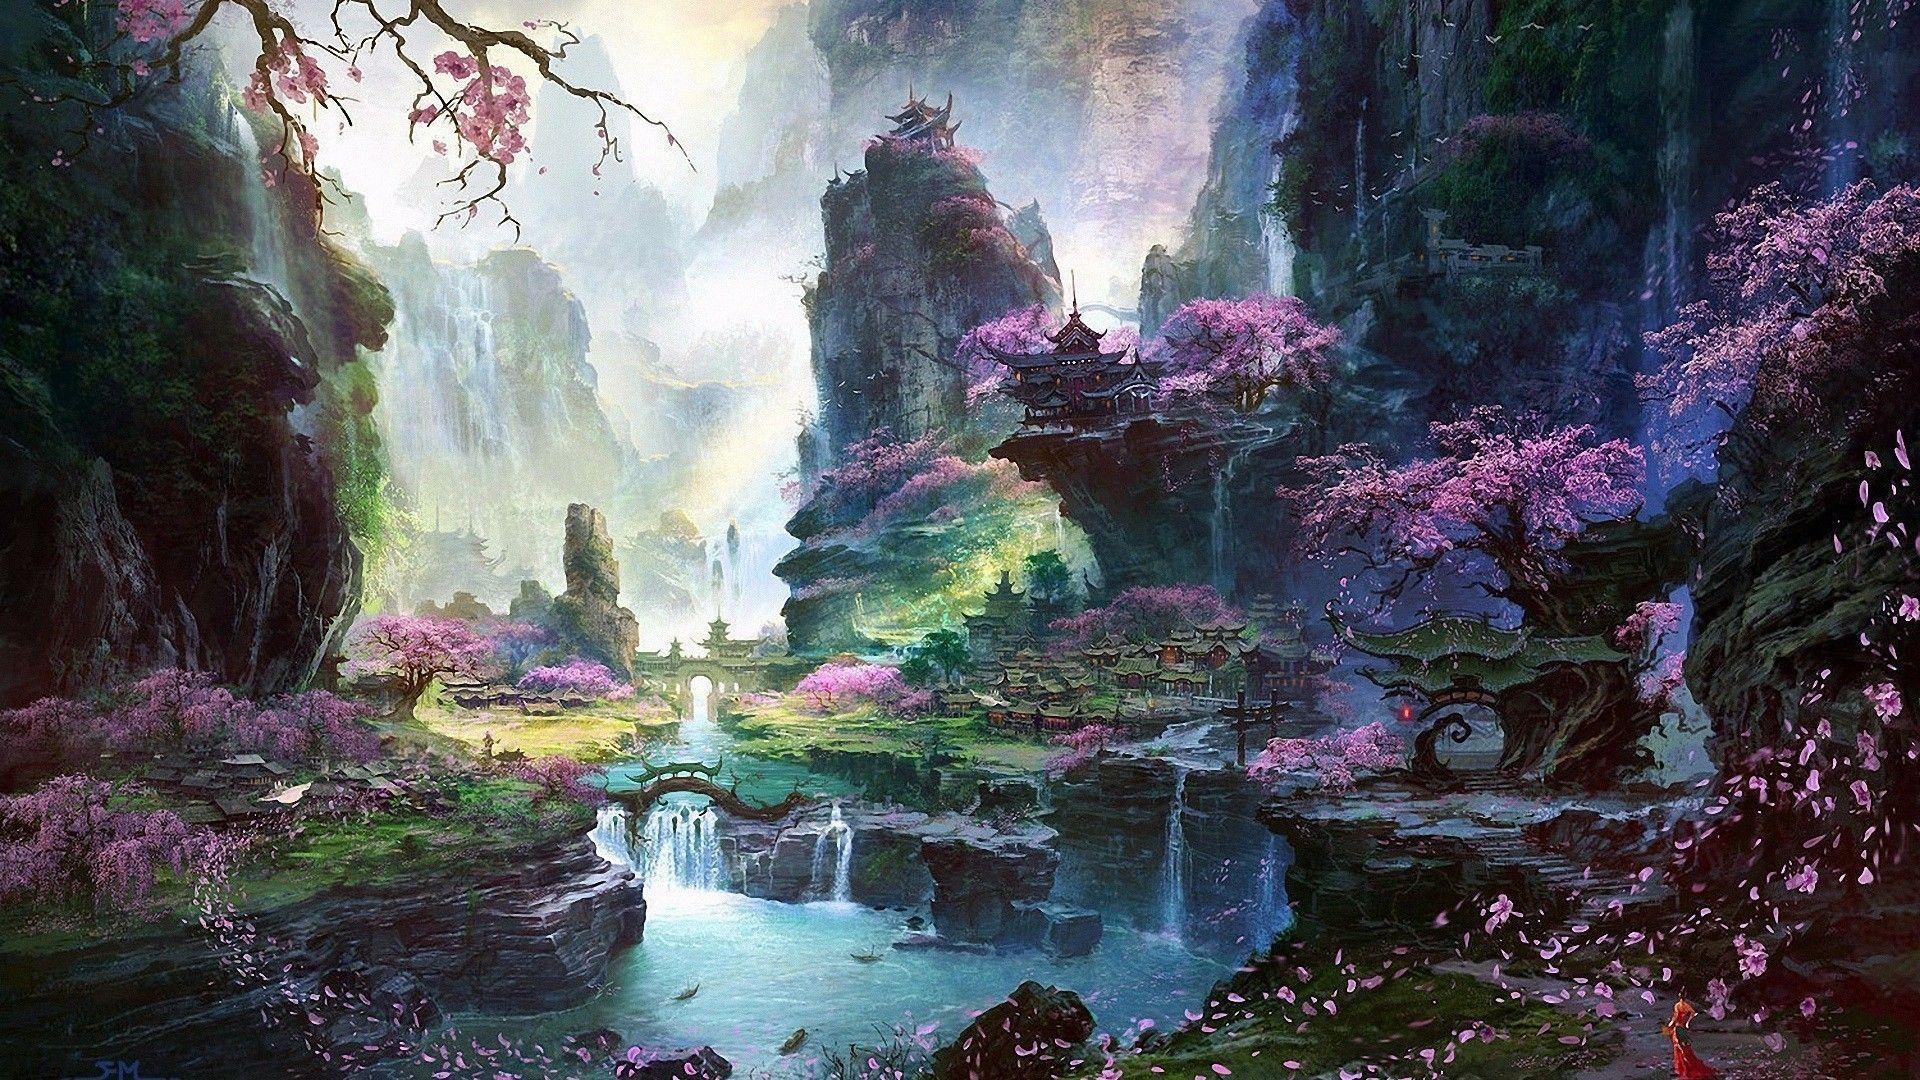 Digital Art Background image